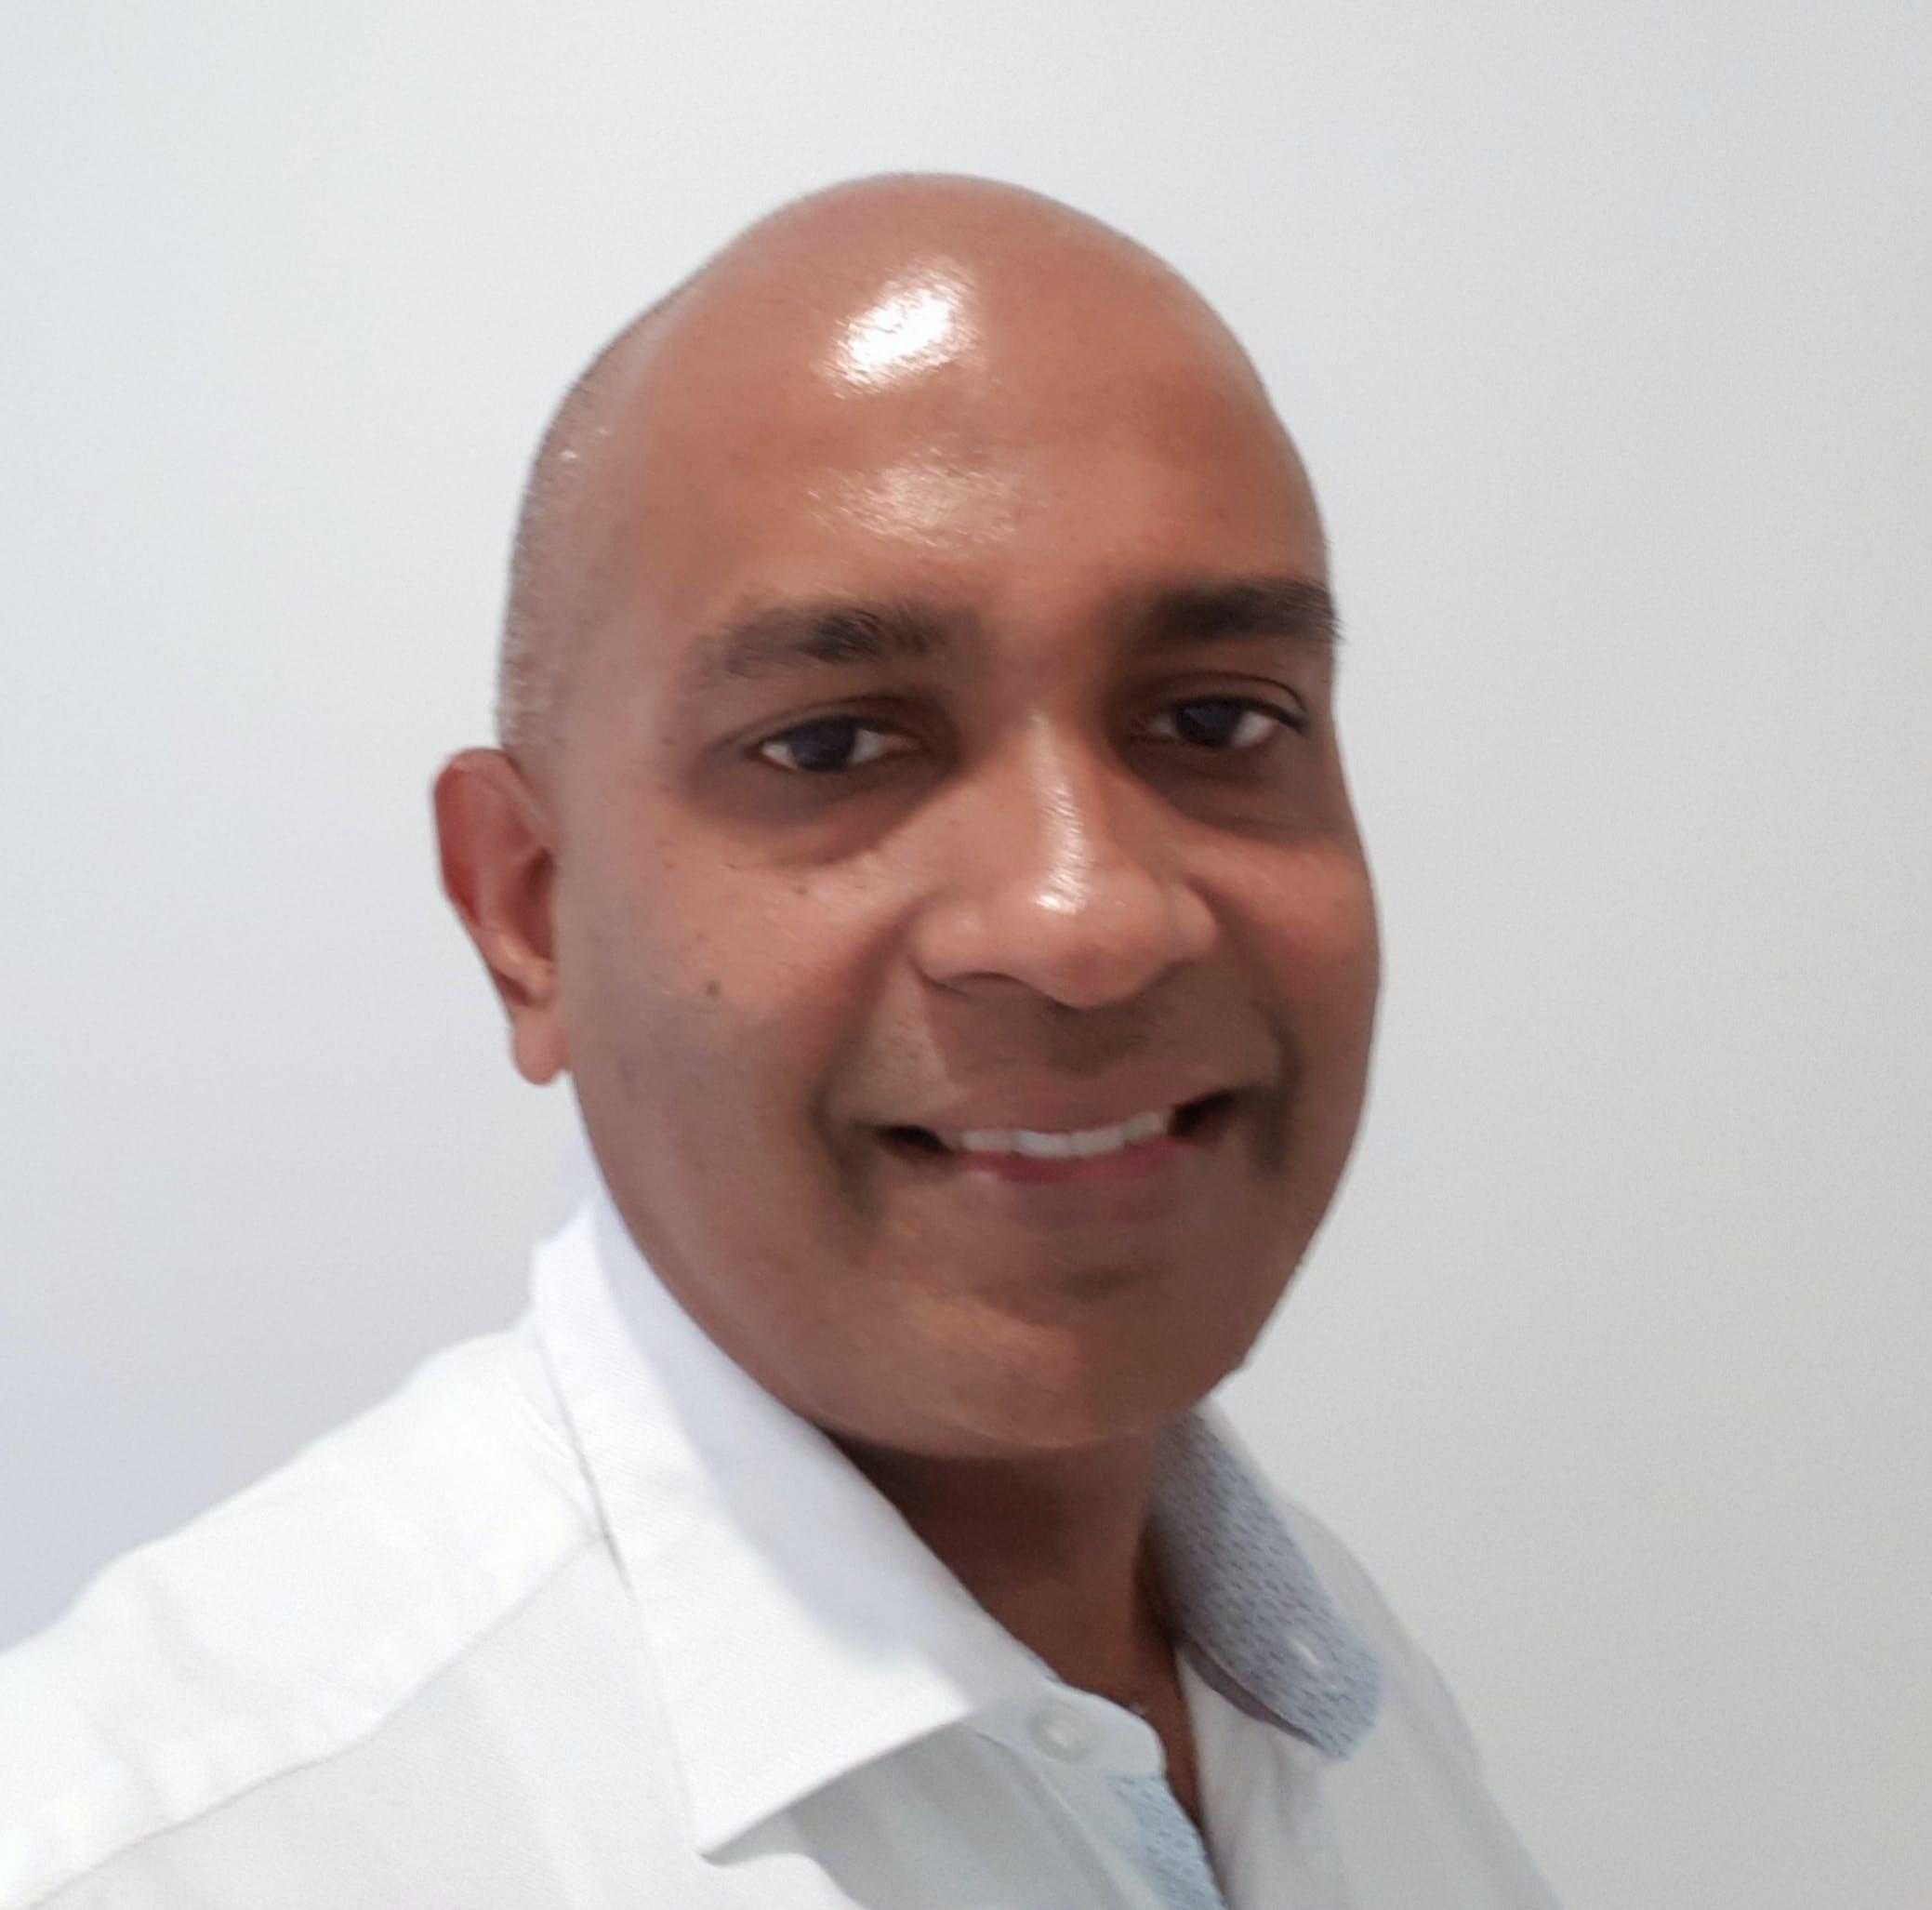 Photo of Dr Ravindra Abeyawardana